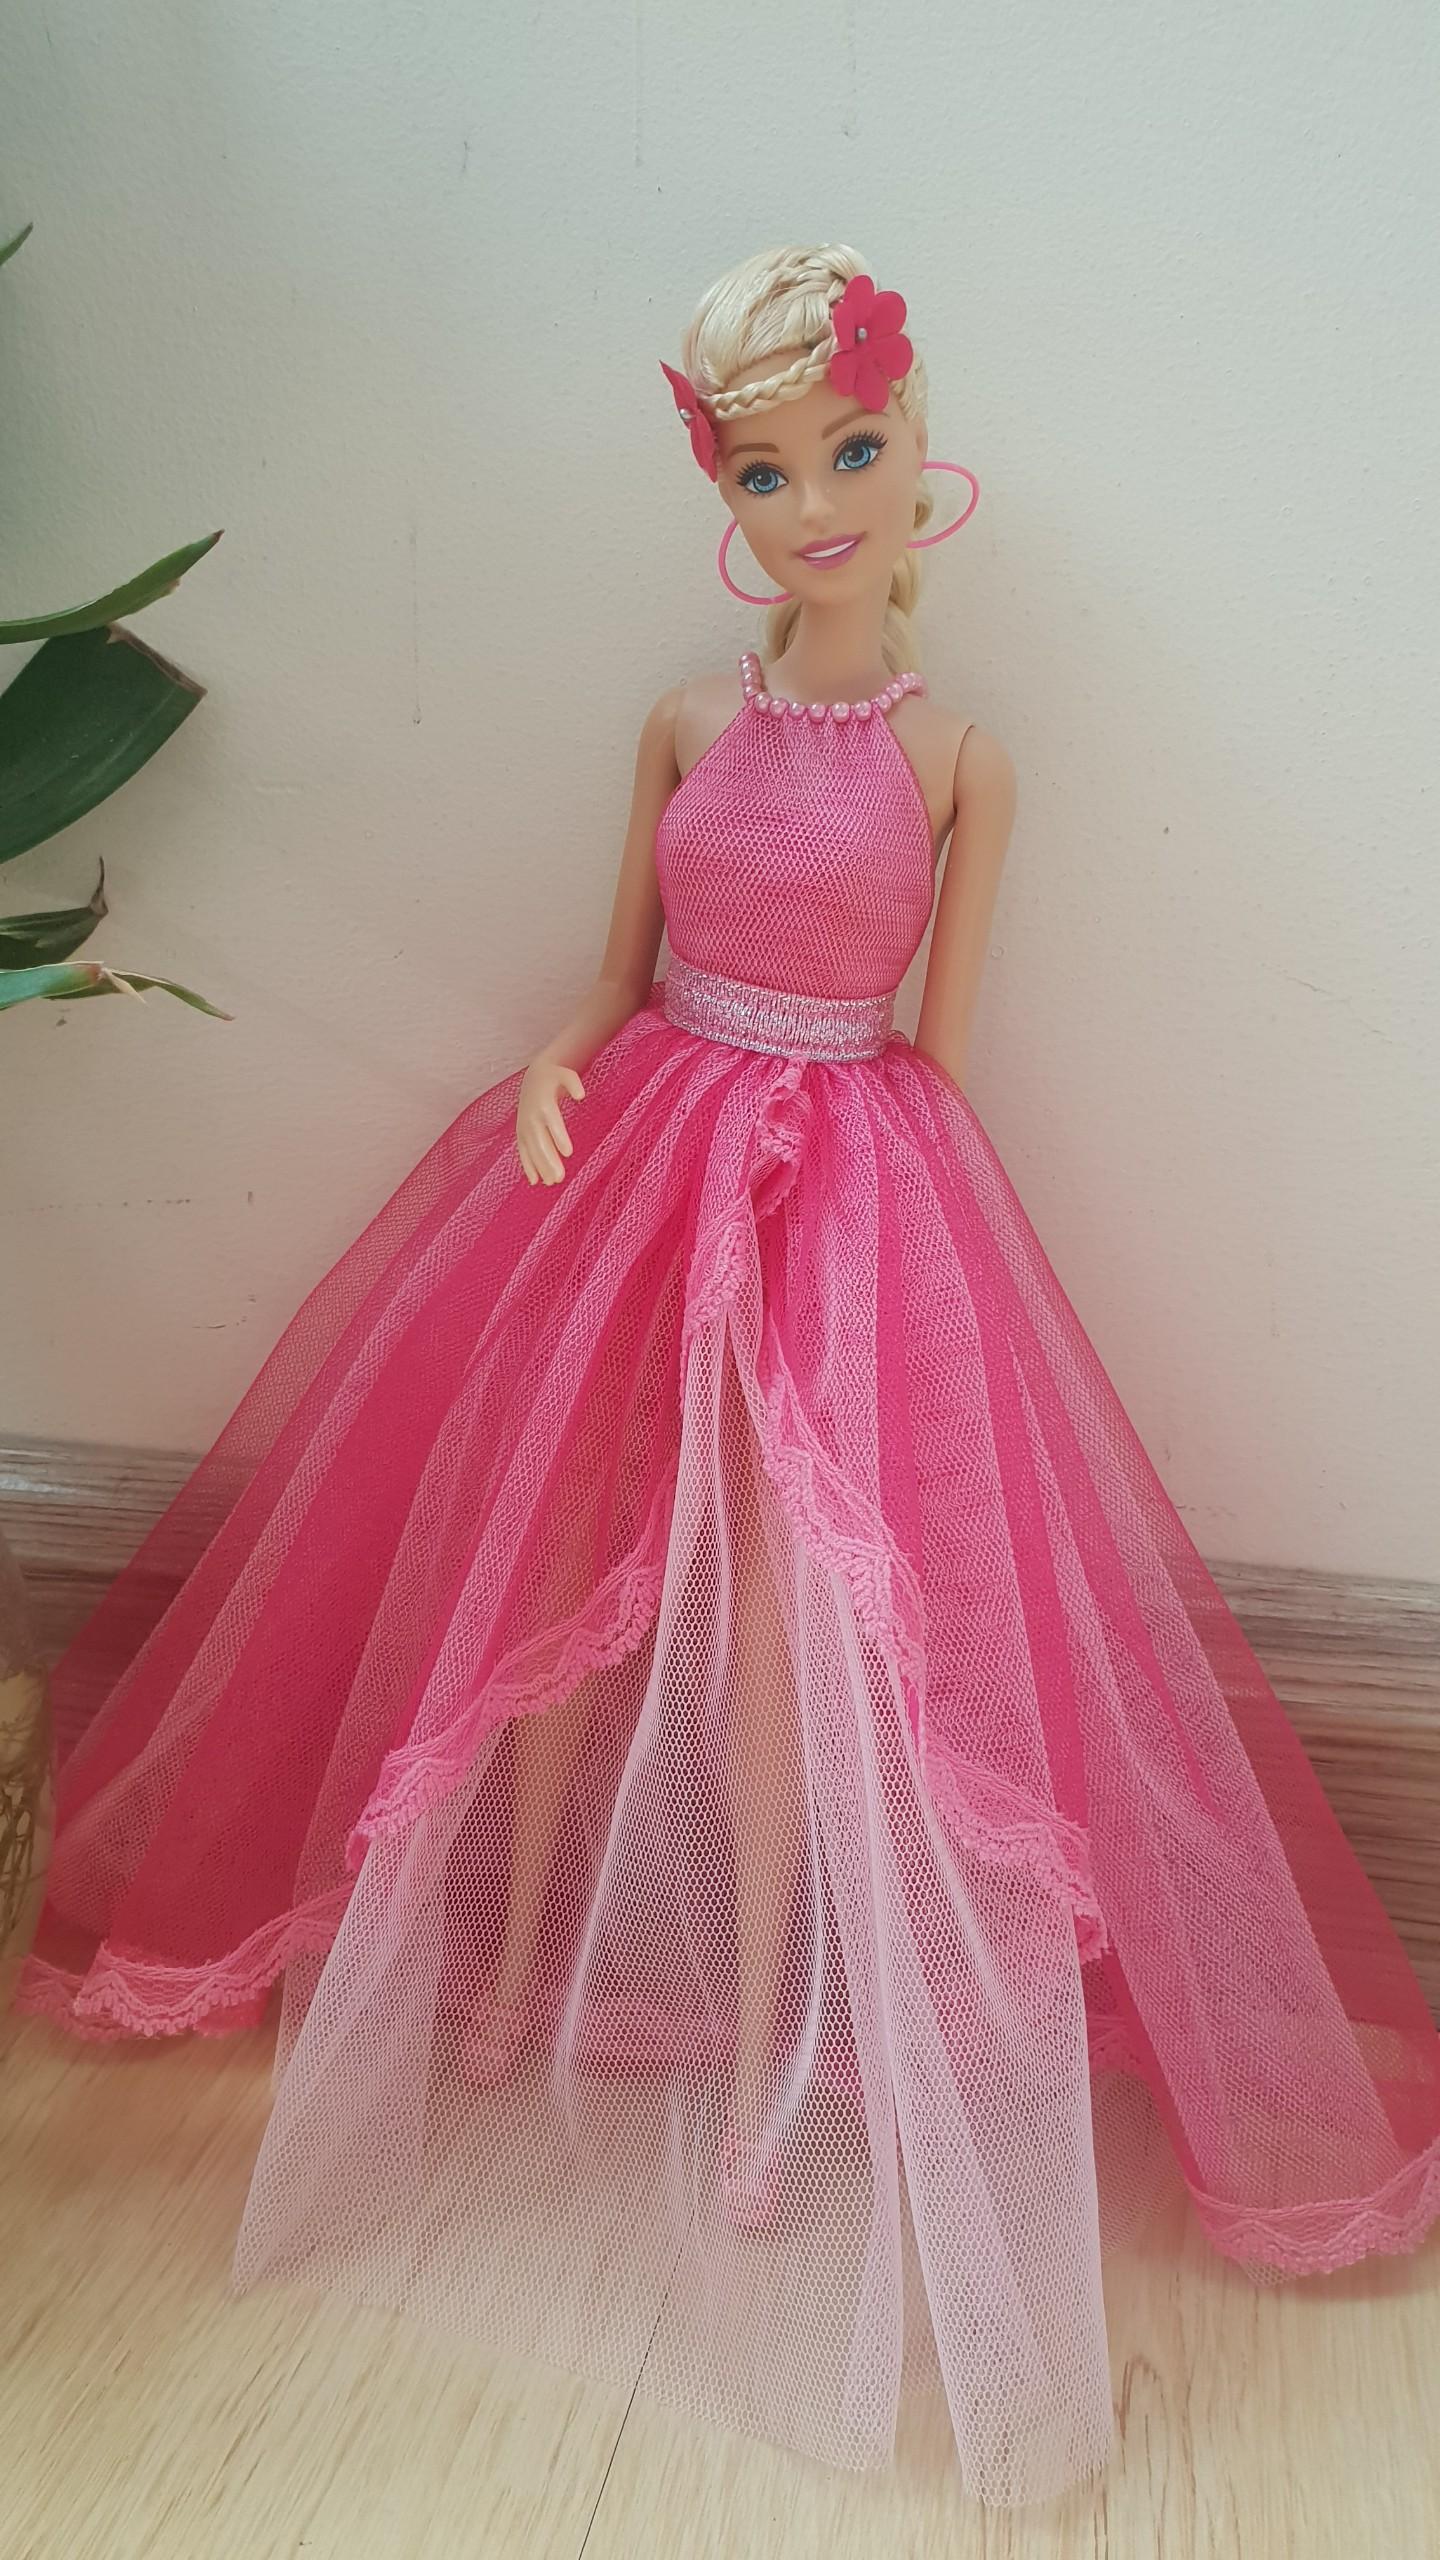 Búp Bê Barbie Không Thể Rẻ Hơn tại Lazada